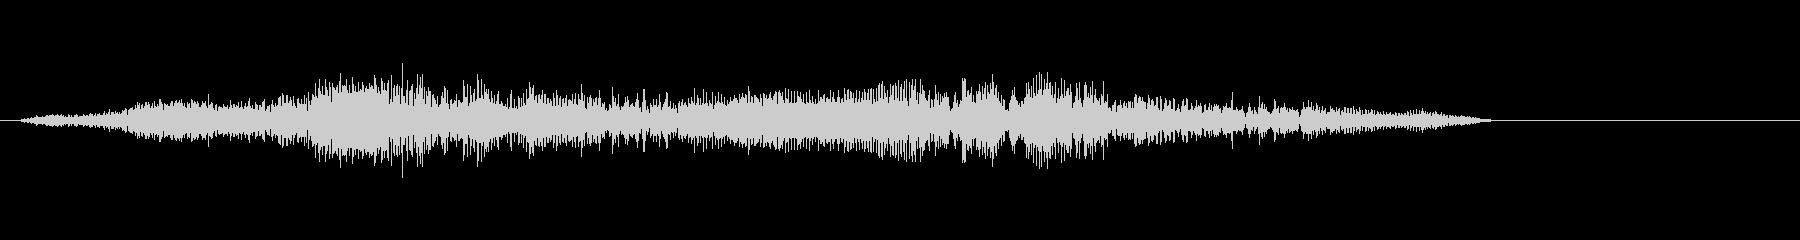 ゾンビの声を意識した声系効果音ですの未再生の波形